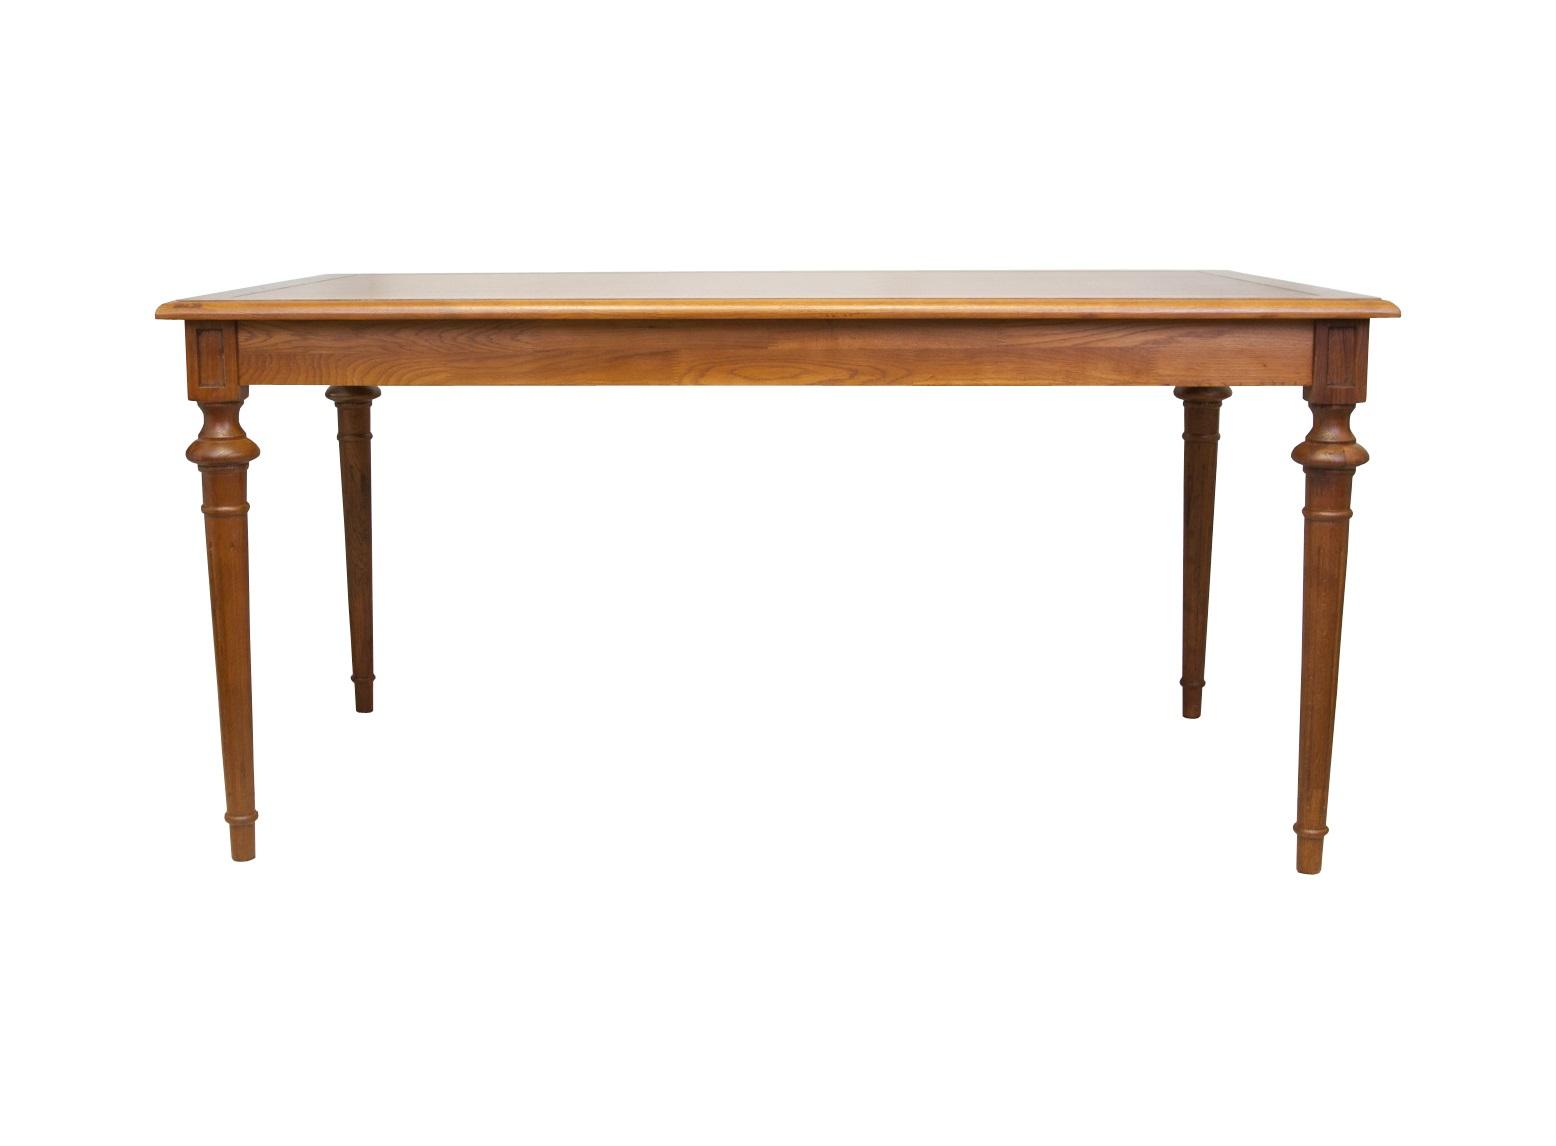 Стол PatonОбеденные столы<br>Стол Paton - традиционная модель для гостиных или столовых. Его привычные очертания дополнят интерьер в классическом стиле. Изюминка модели - элегантные точеные ножки.<br><br>Material: Дуб<br>Width см: 160<br>Depth см: 90<br>Height см: 78